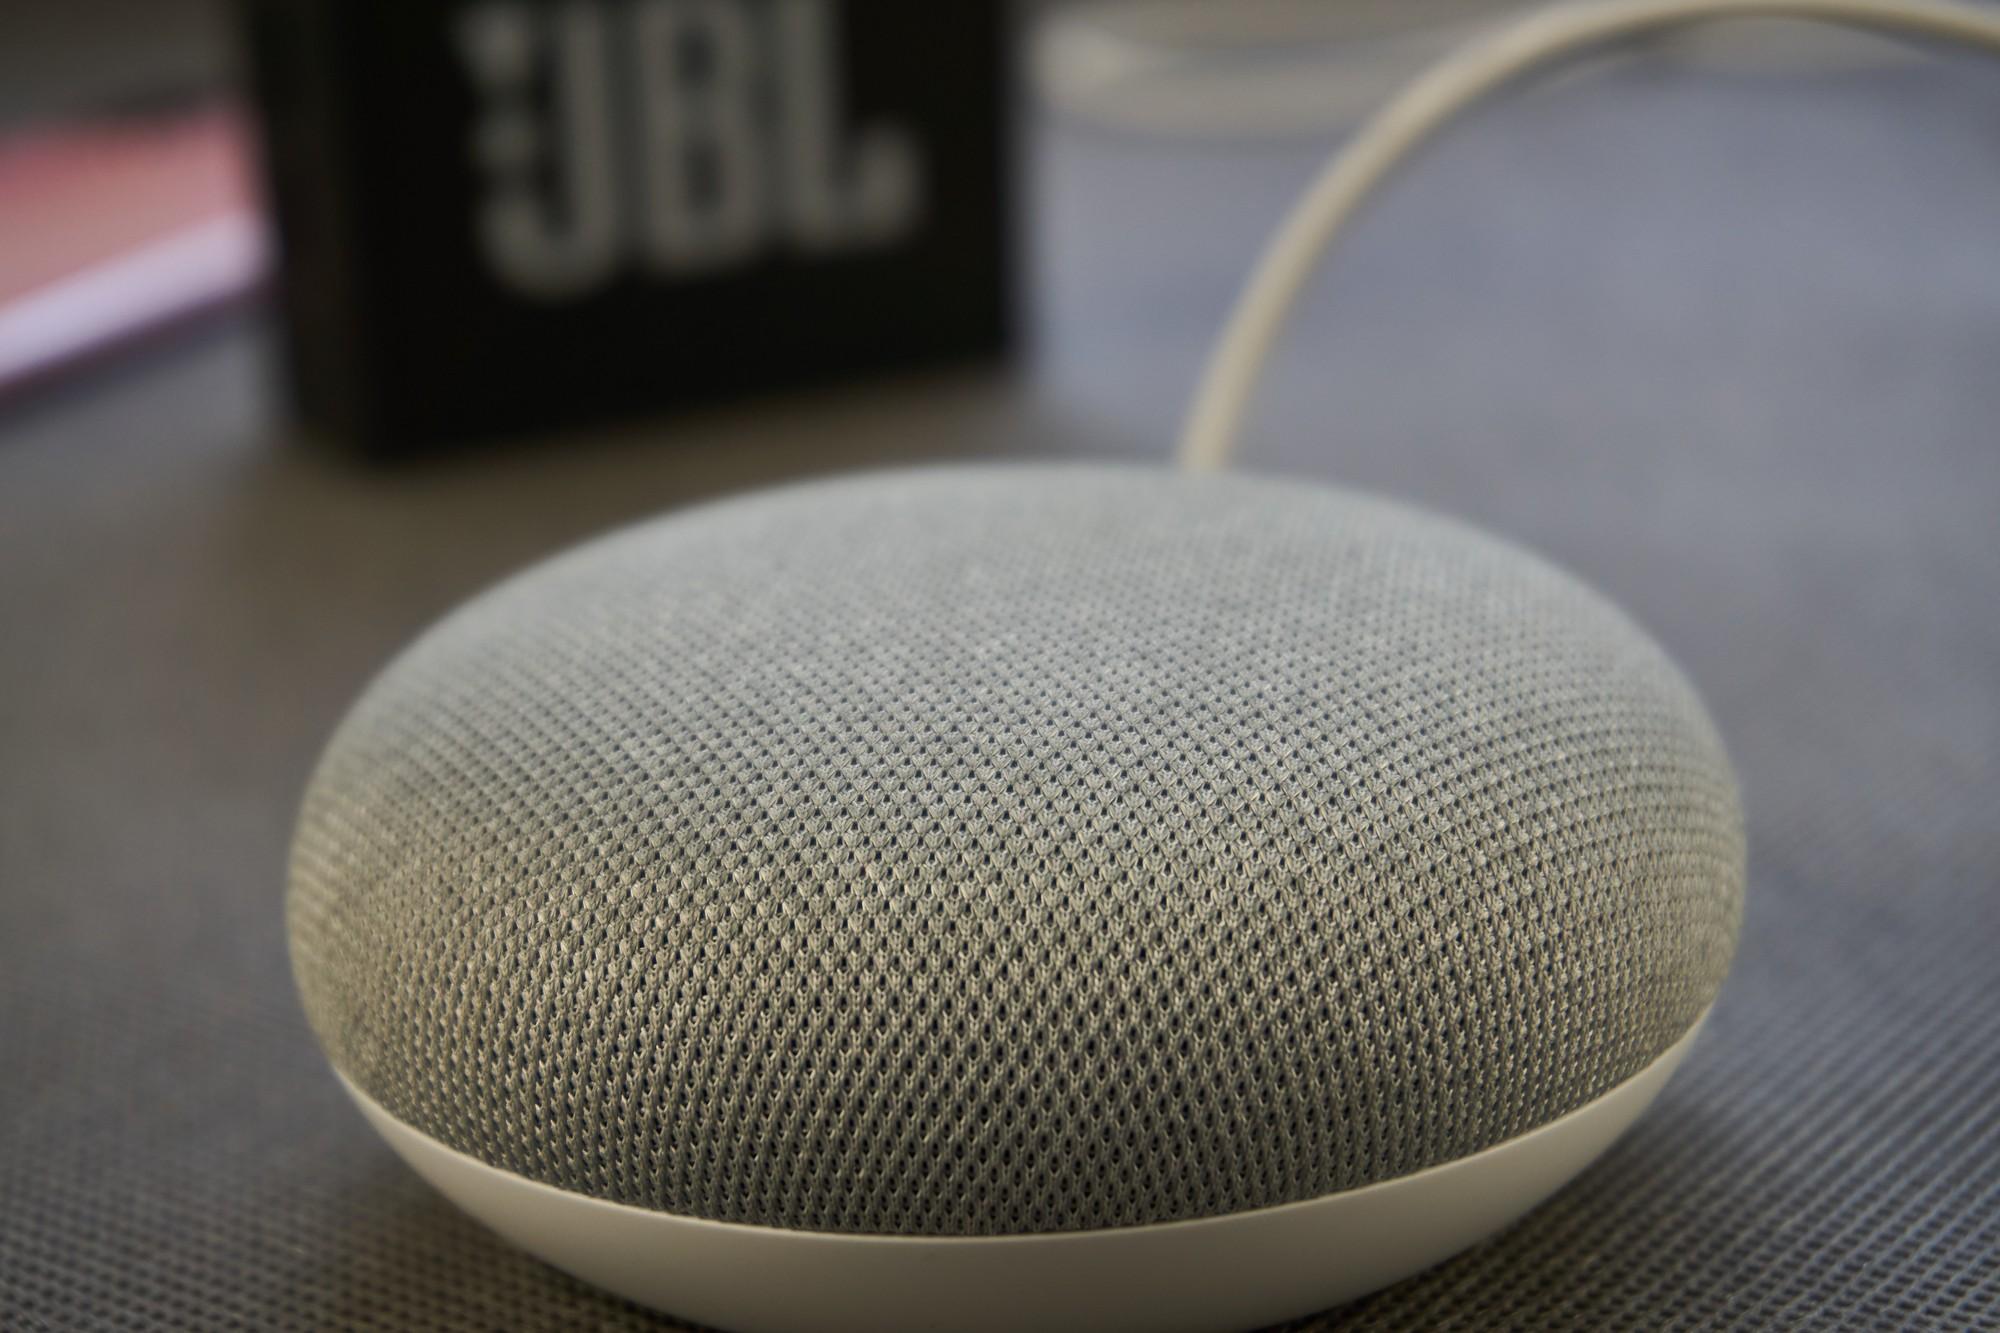 Konto gościa w Asystencie Google ochroni przed nietrafionymi podpowiedziami